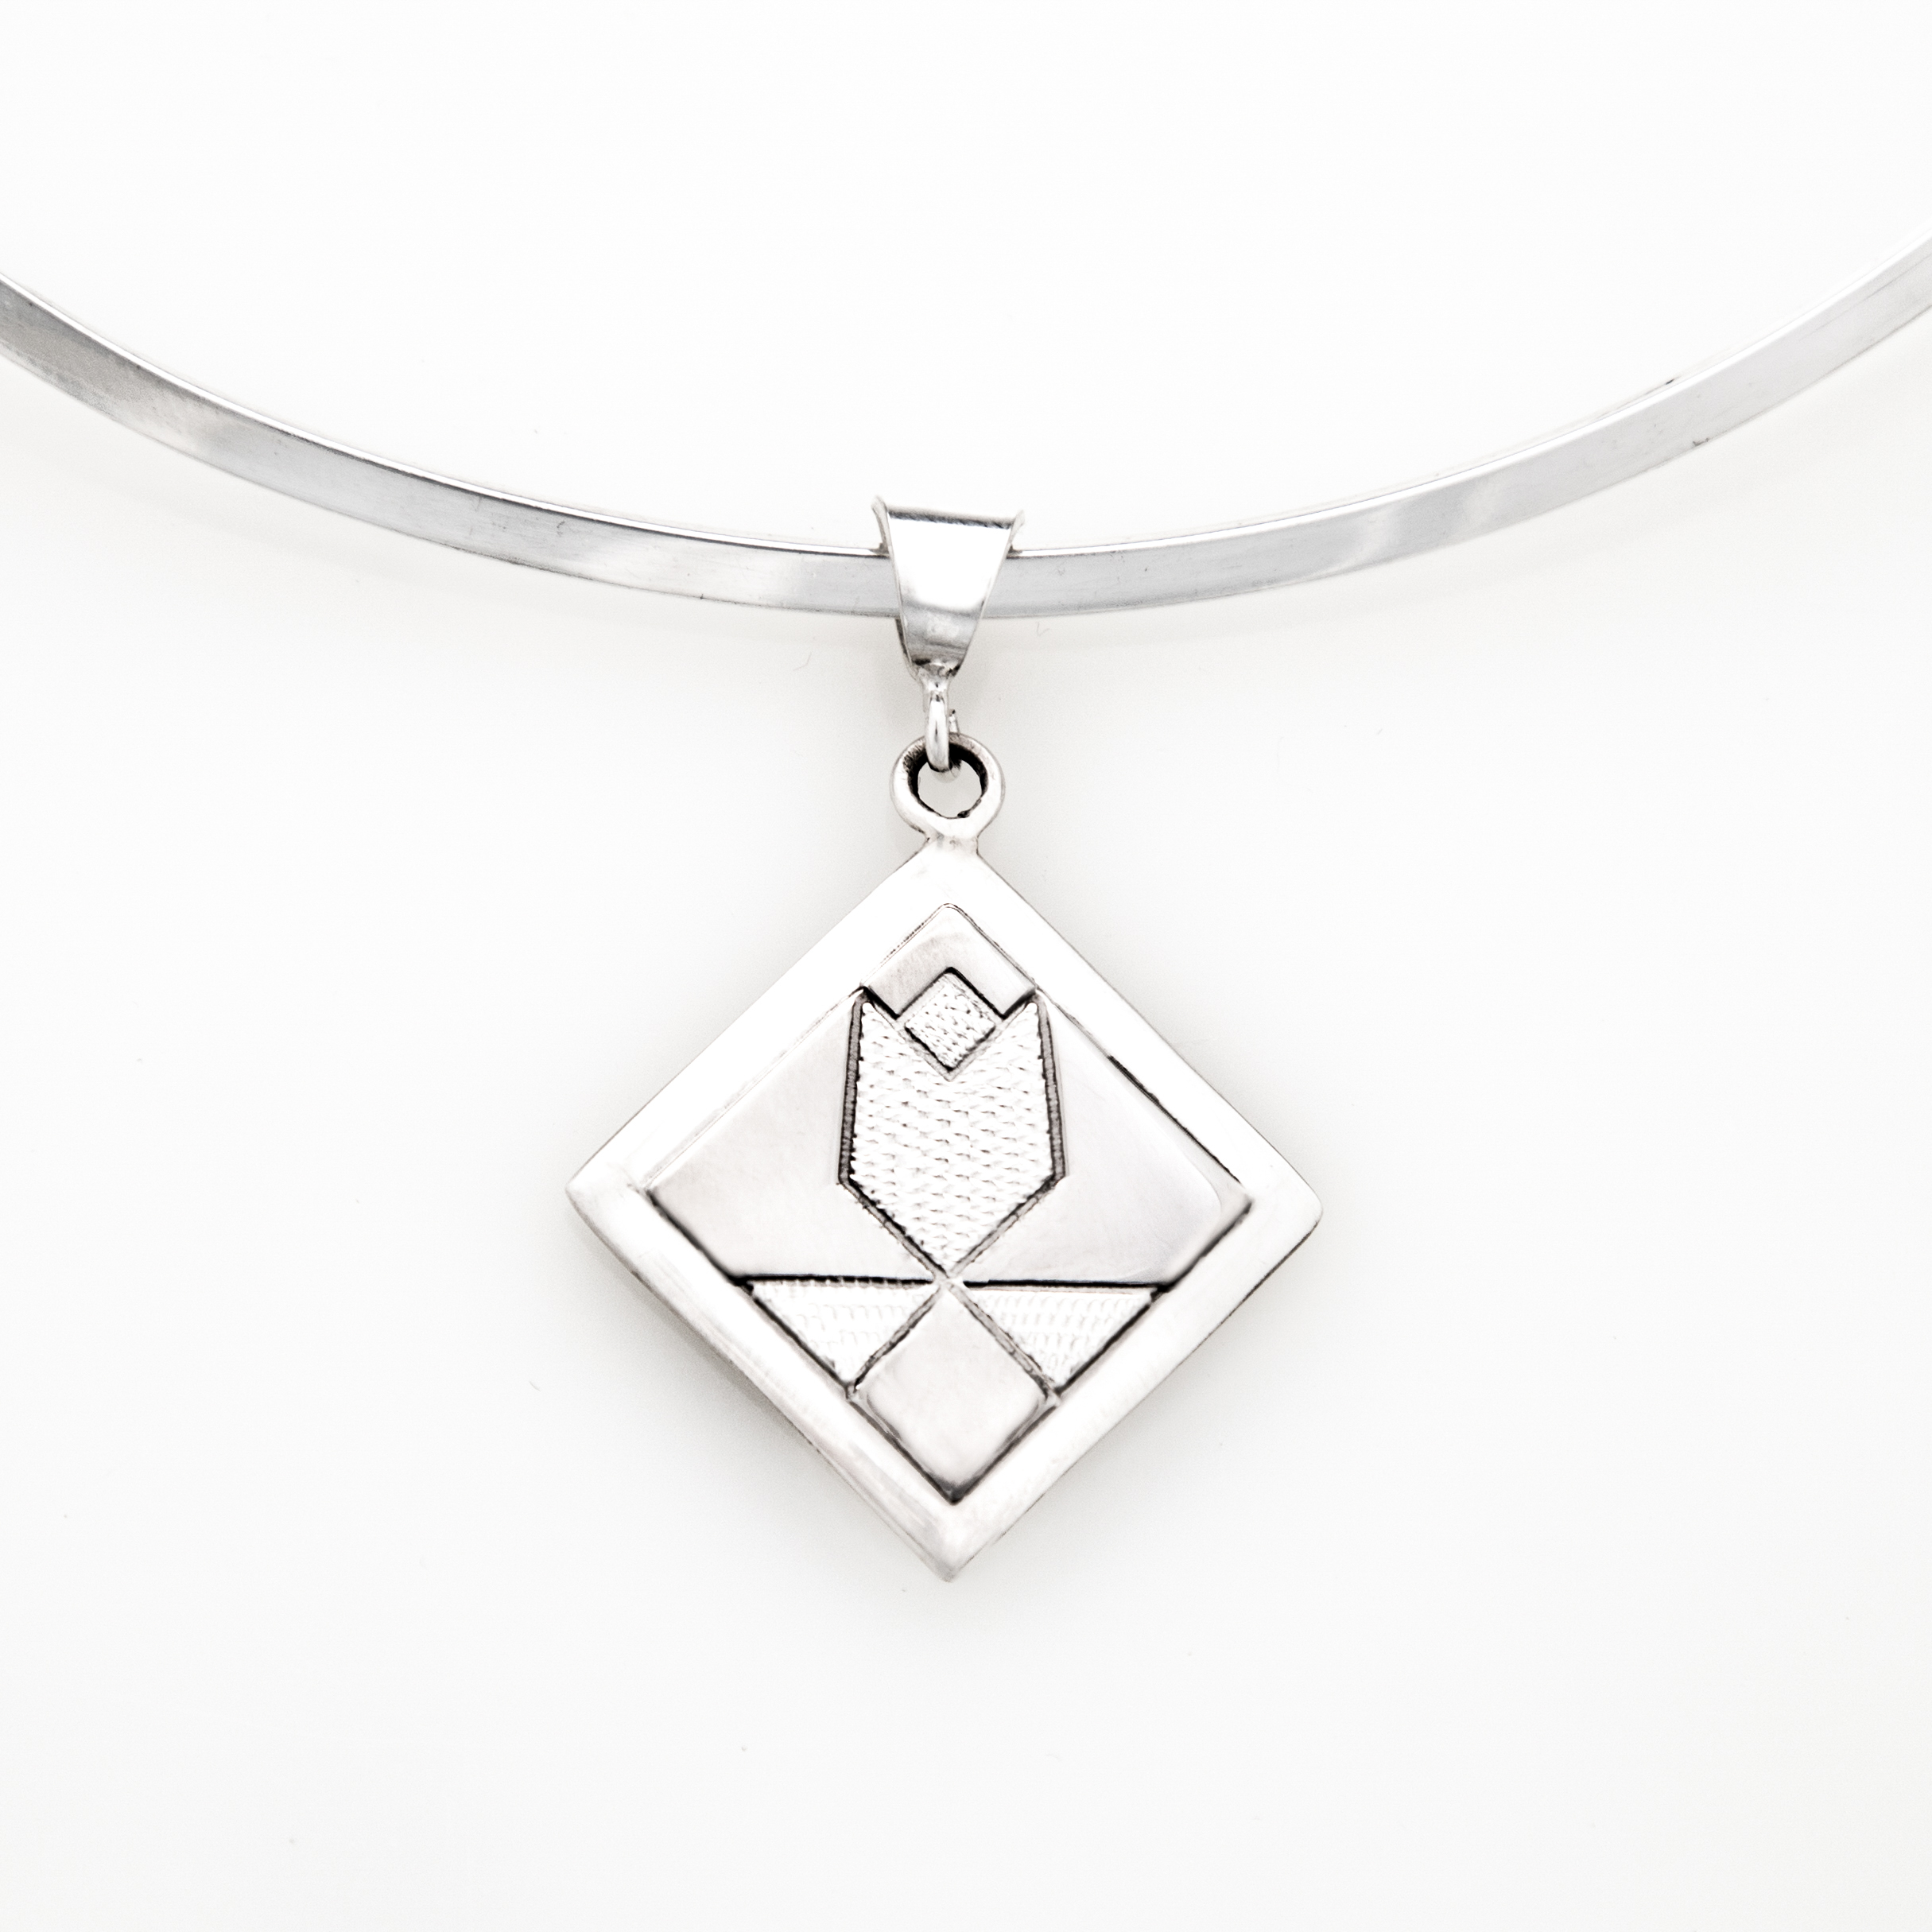 Tulip Quilt Jewelry Medium Pendant